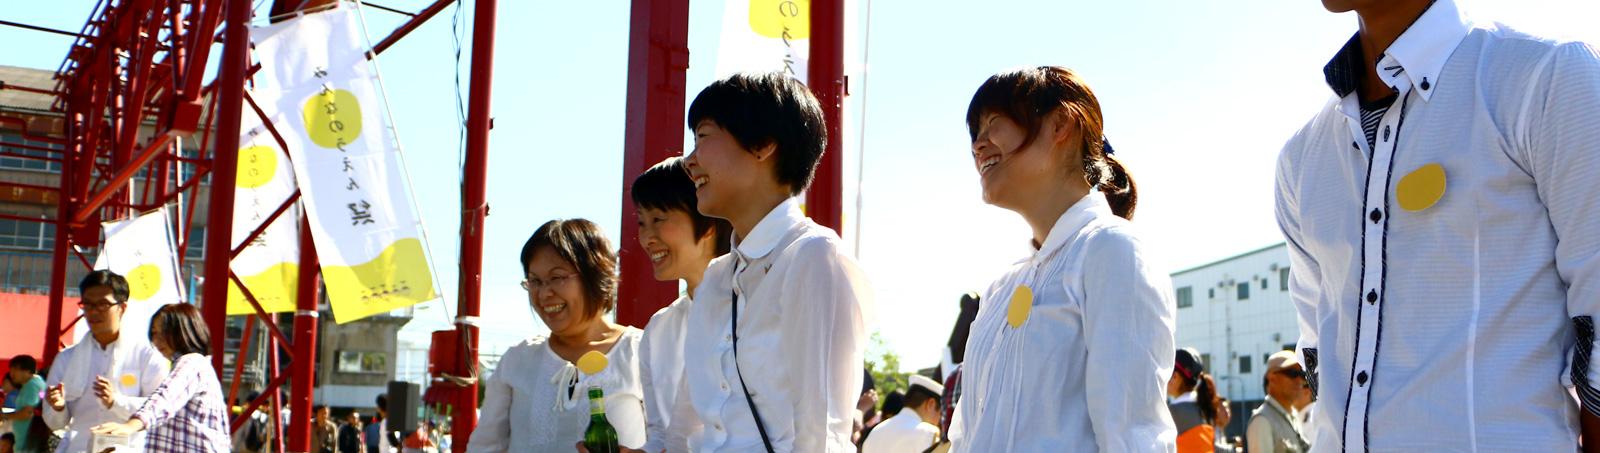 みんなのうえん祭2014